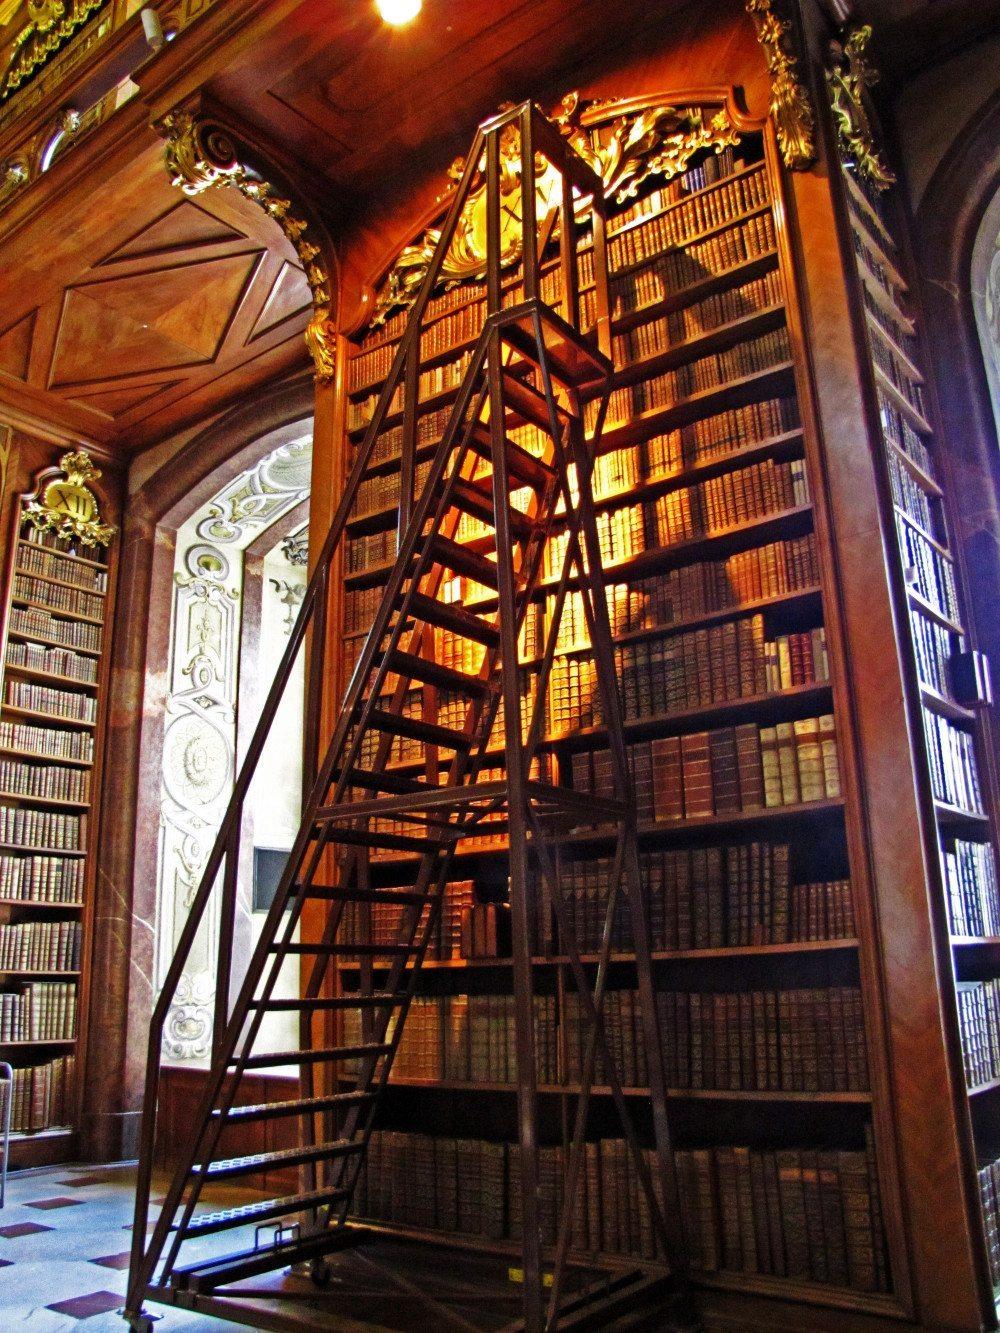 Bei solch hohen Regalen wie in dieser Bibliothek braucht man geeignete Steigtechnik, um sich von ganz oben zu bedienen. (Bild: Rainer Sturm / pixelio.de)